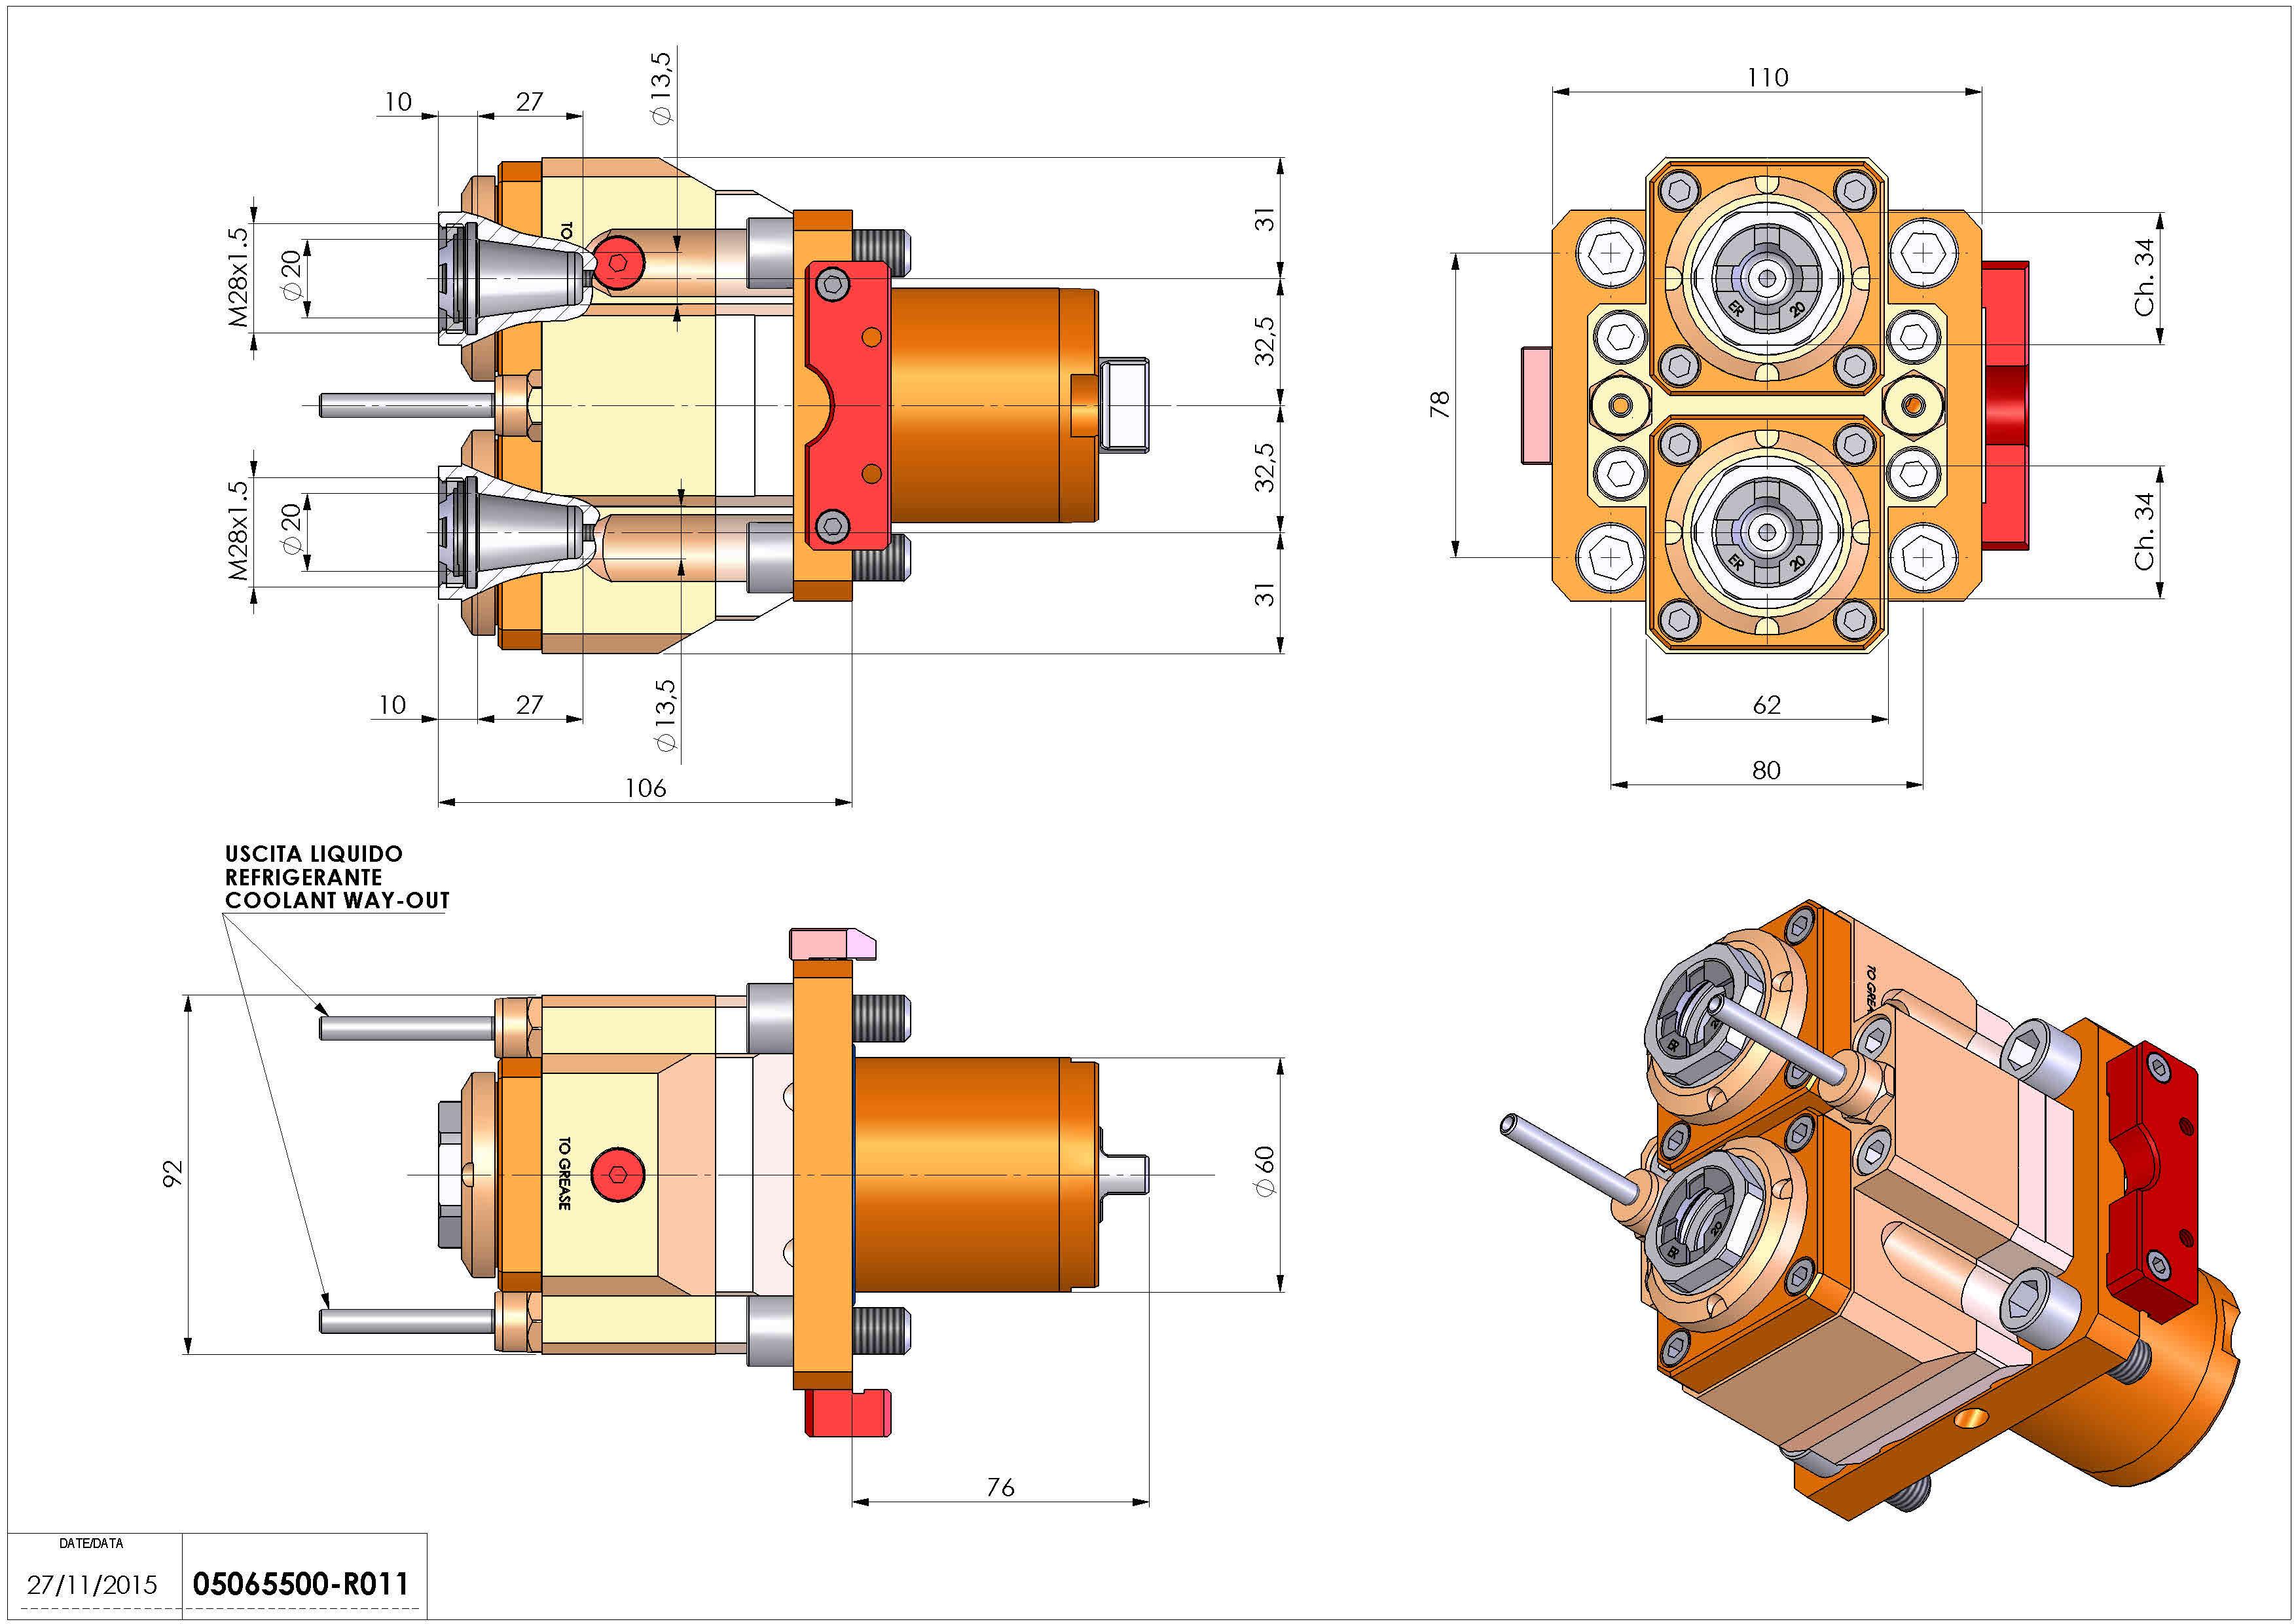 Technical image - LT-S2 D60 ER20F-20F H105 1:2OK.